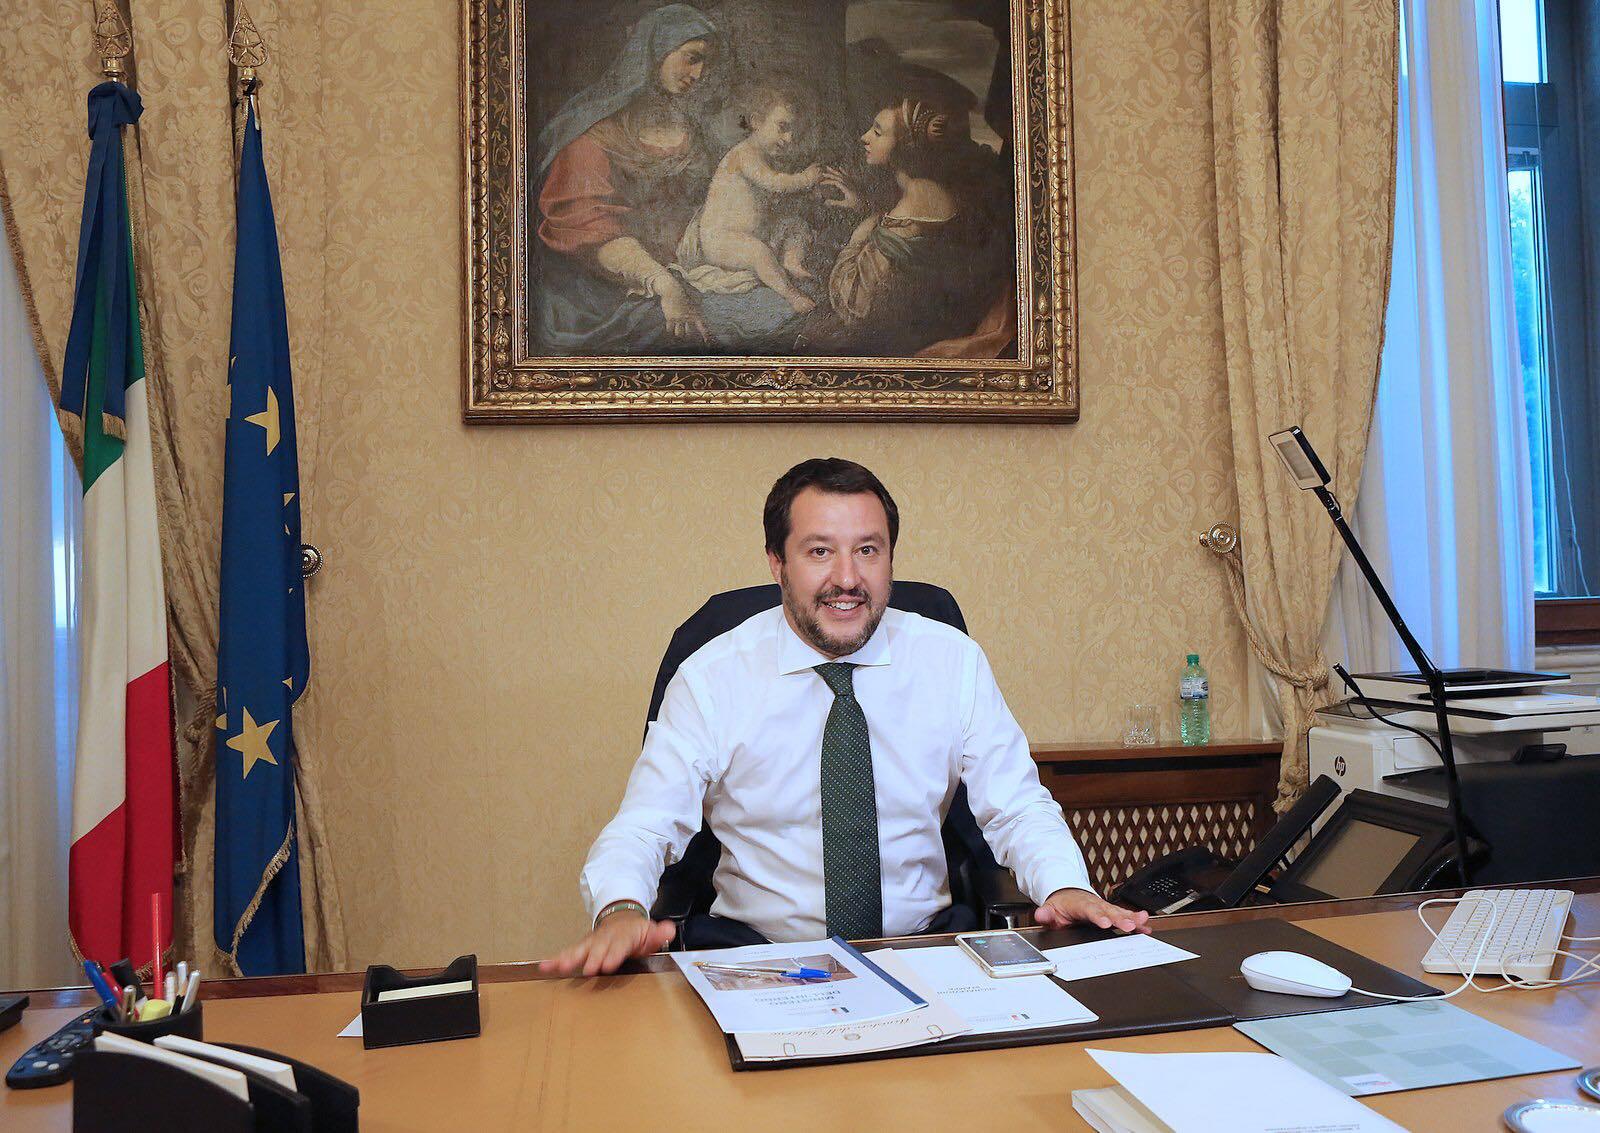 Decreto sicurezza, il portavoce di Orlando insulta Salvini